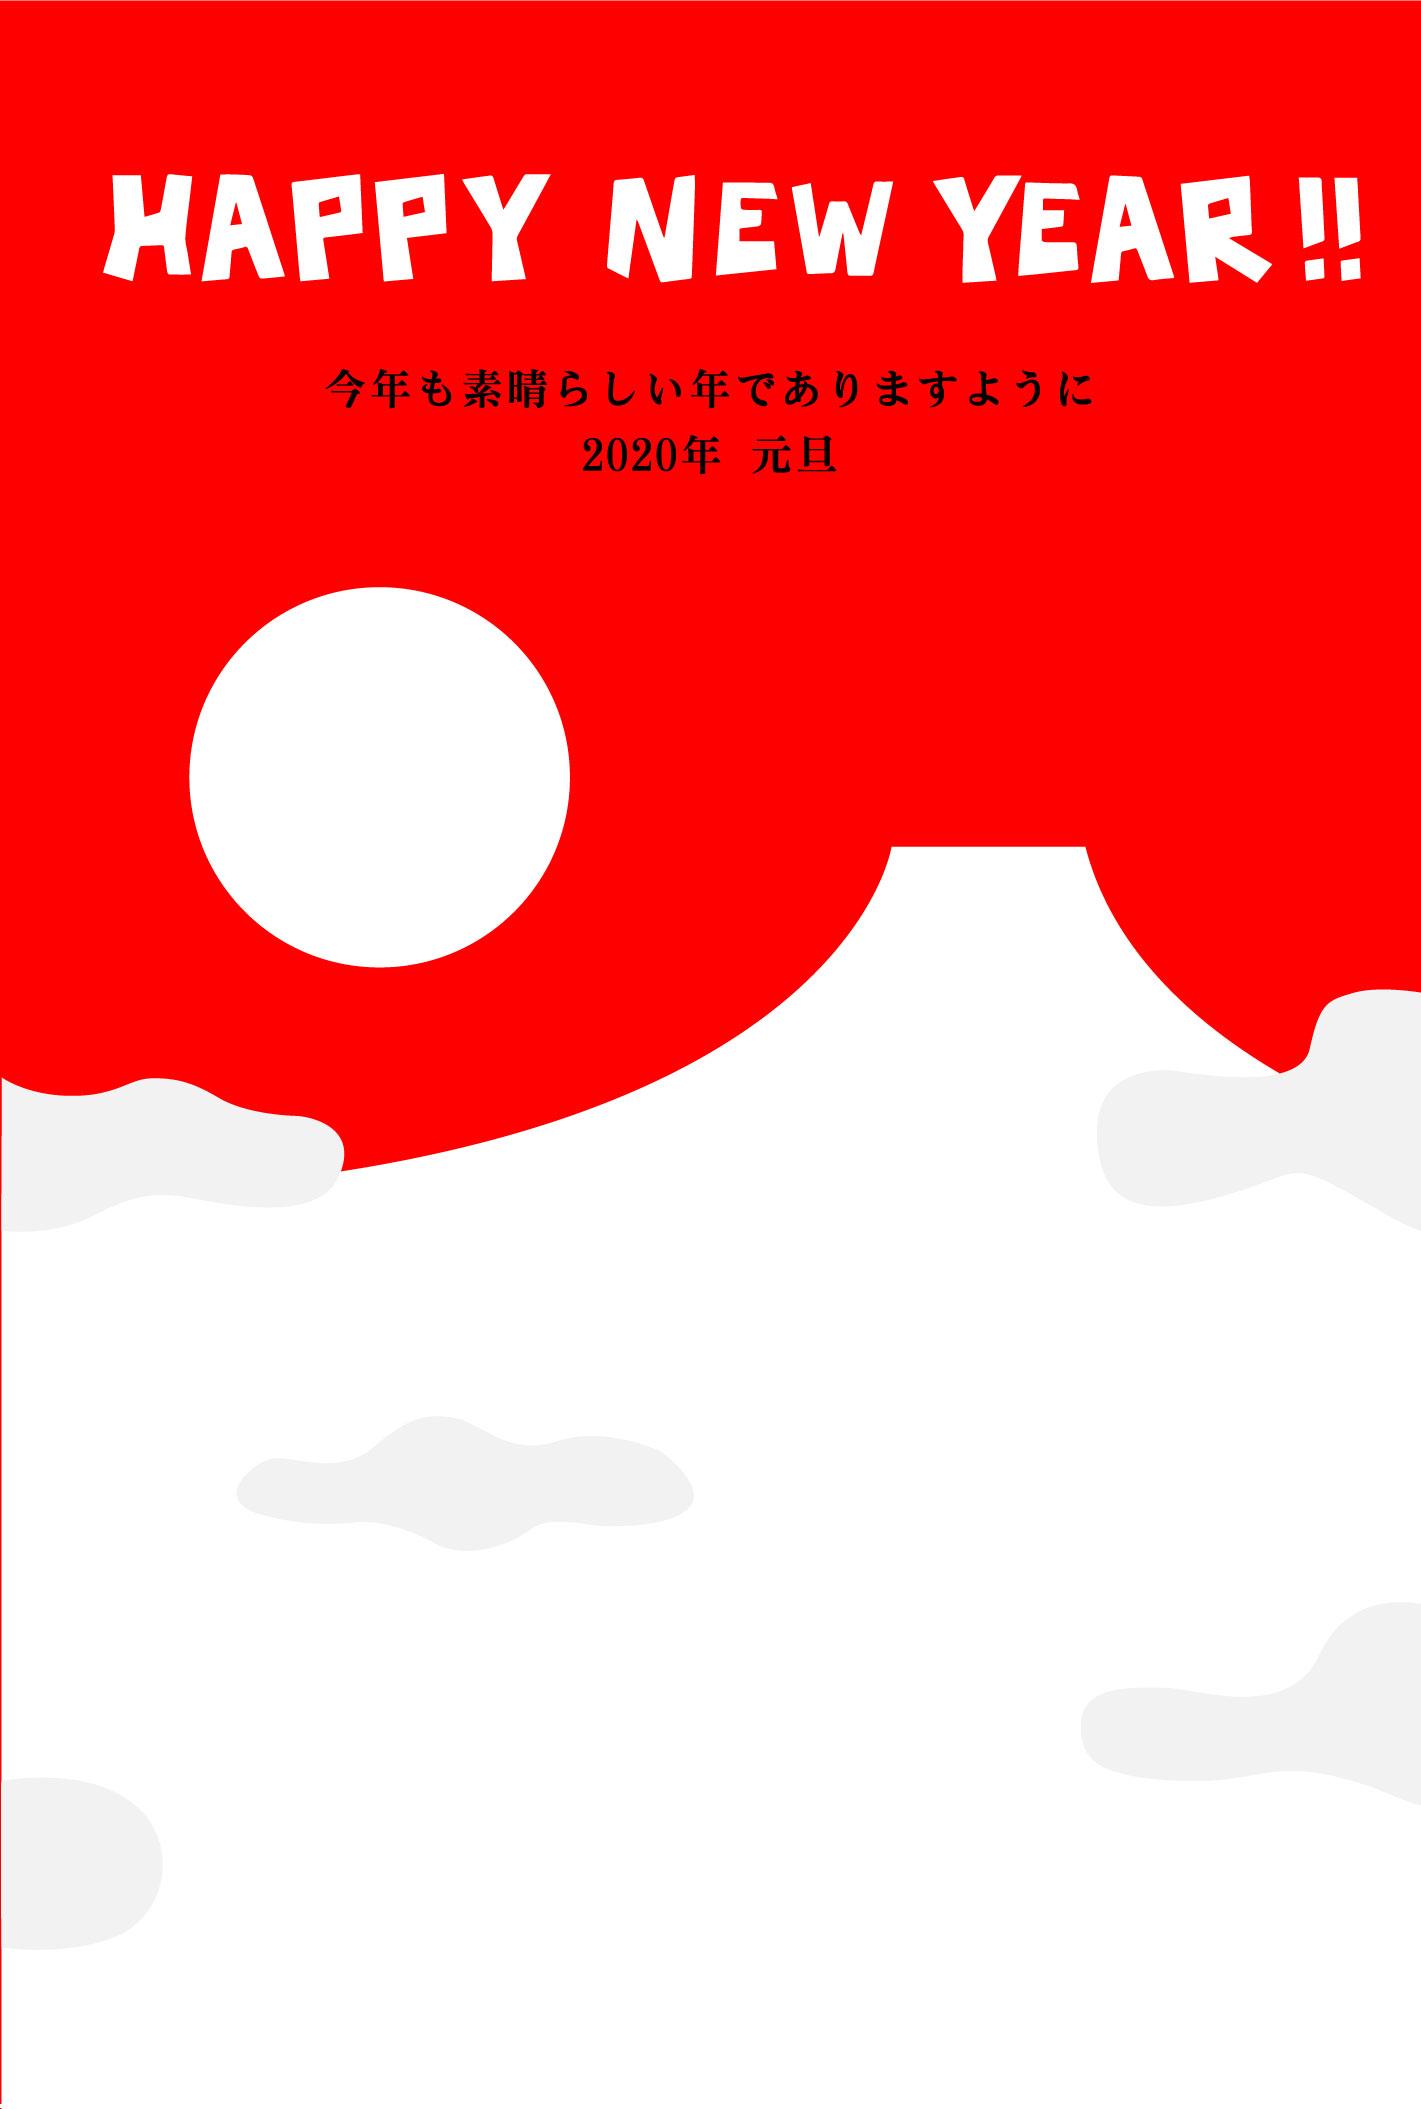 「happy-new-year」赤い富士山と初日の出のシルエットの無料年賀状イラスト素材です-挨拶文あり